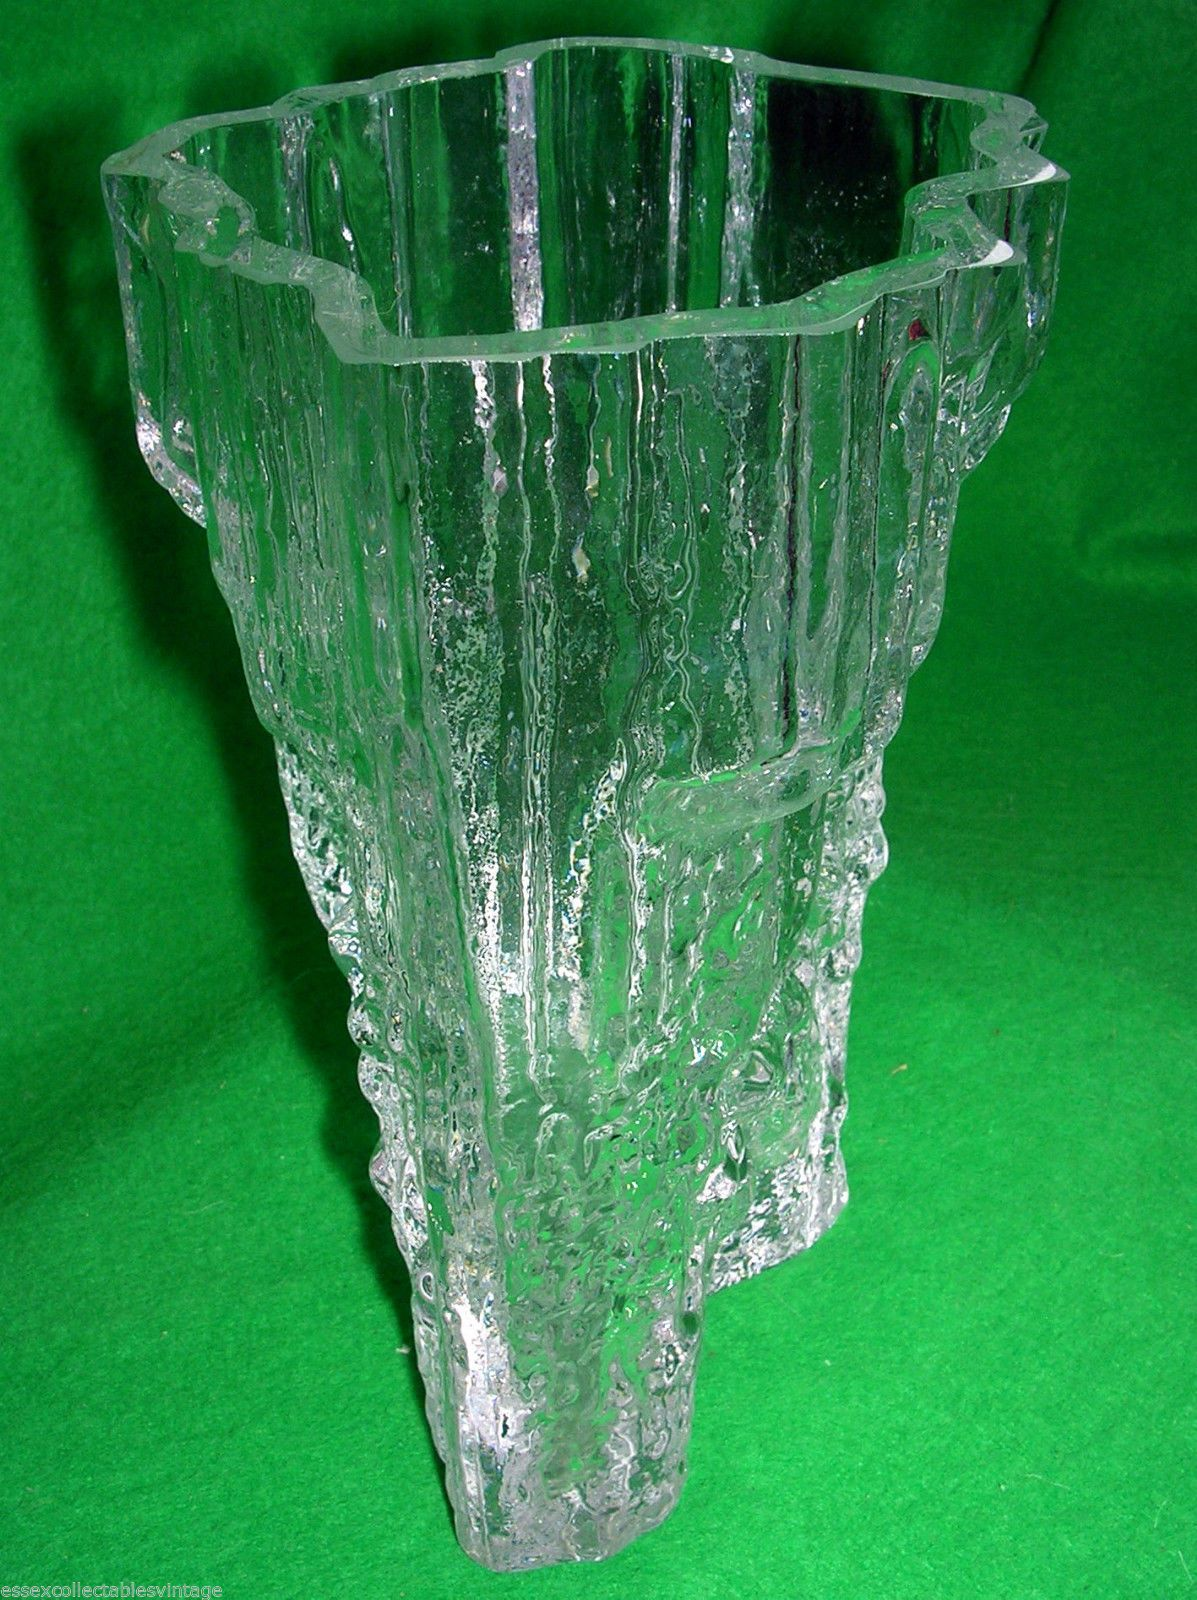 Rare scandinavian tapio wirkkala iittala pinus art glass vase rare scandinavian tapio wirkkala iittala pinus art glass vase signed stickered reviewsmspy